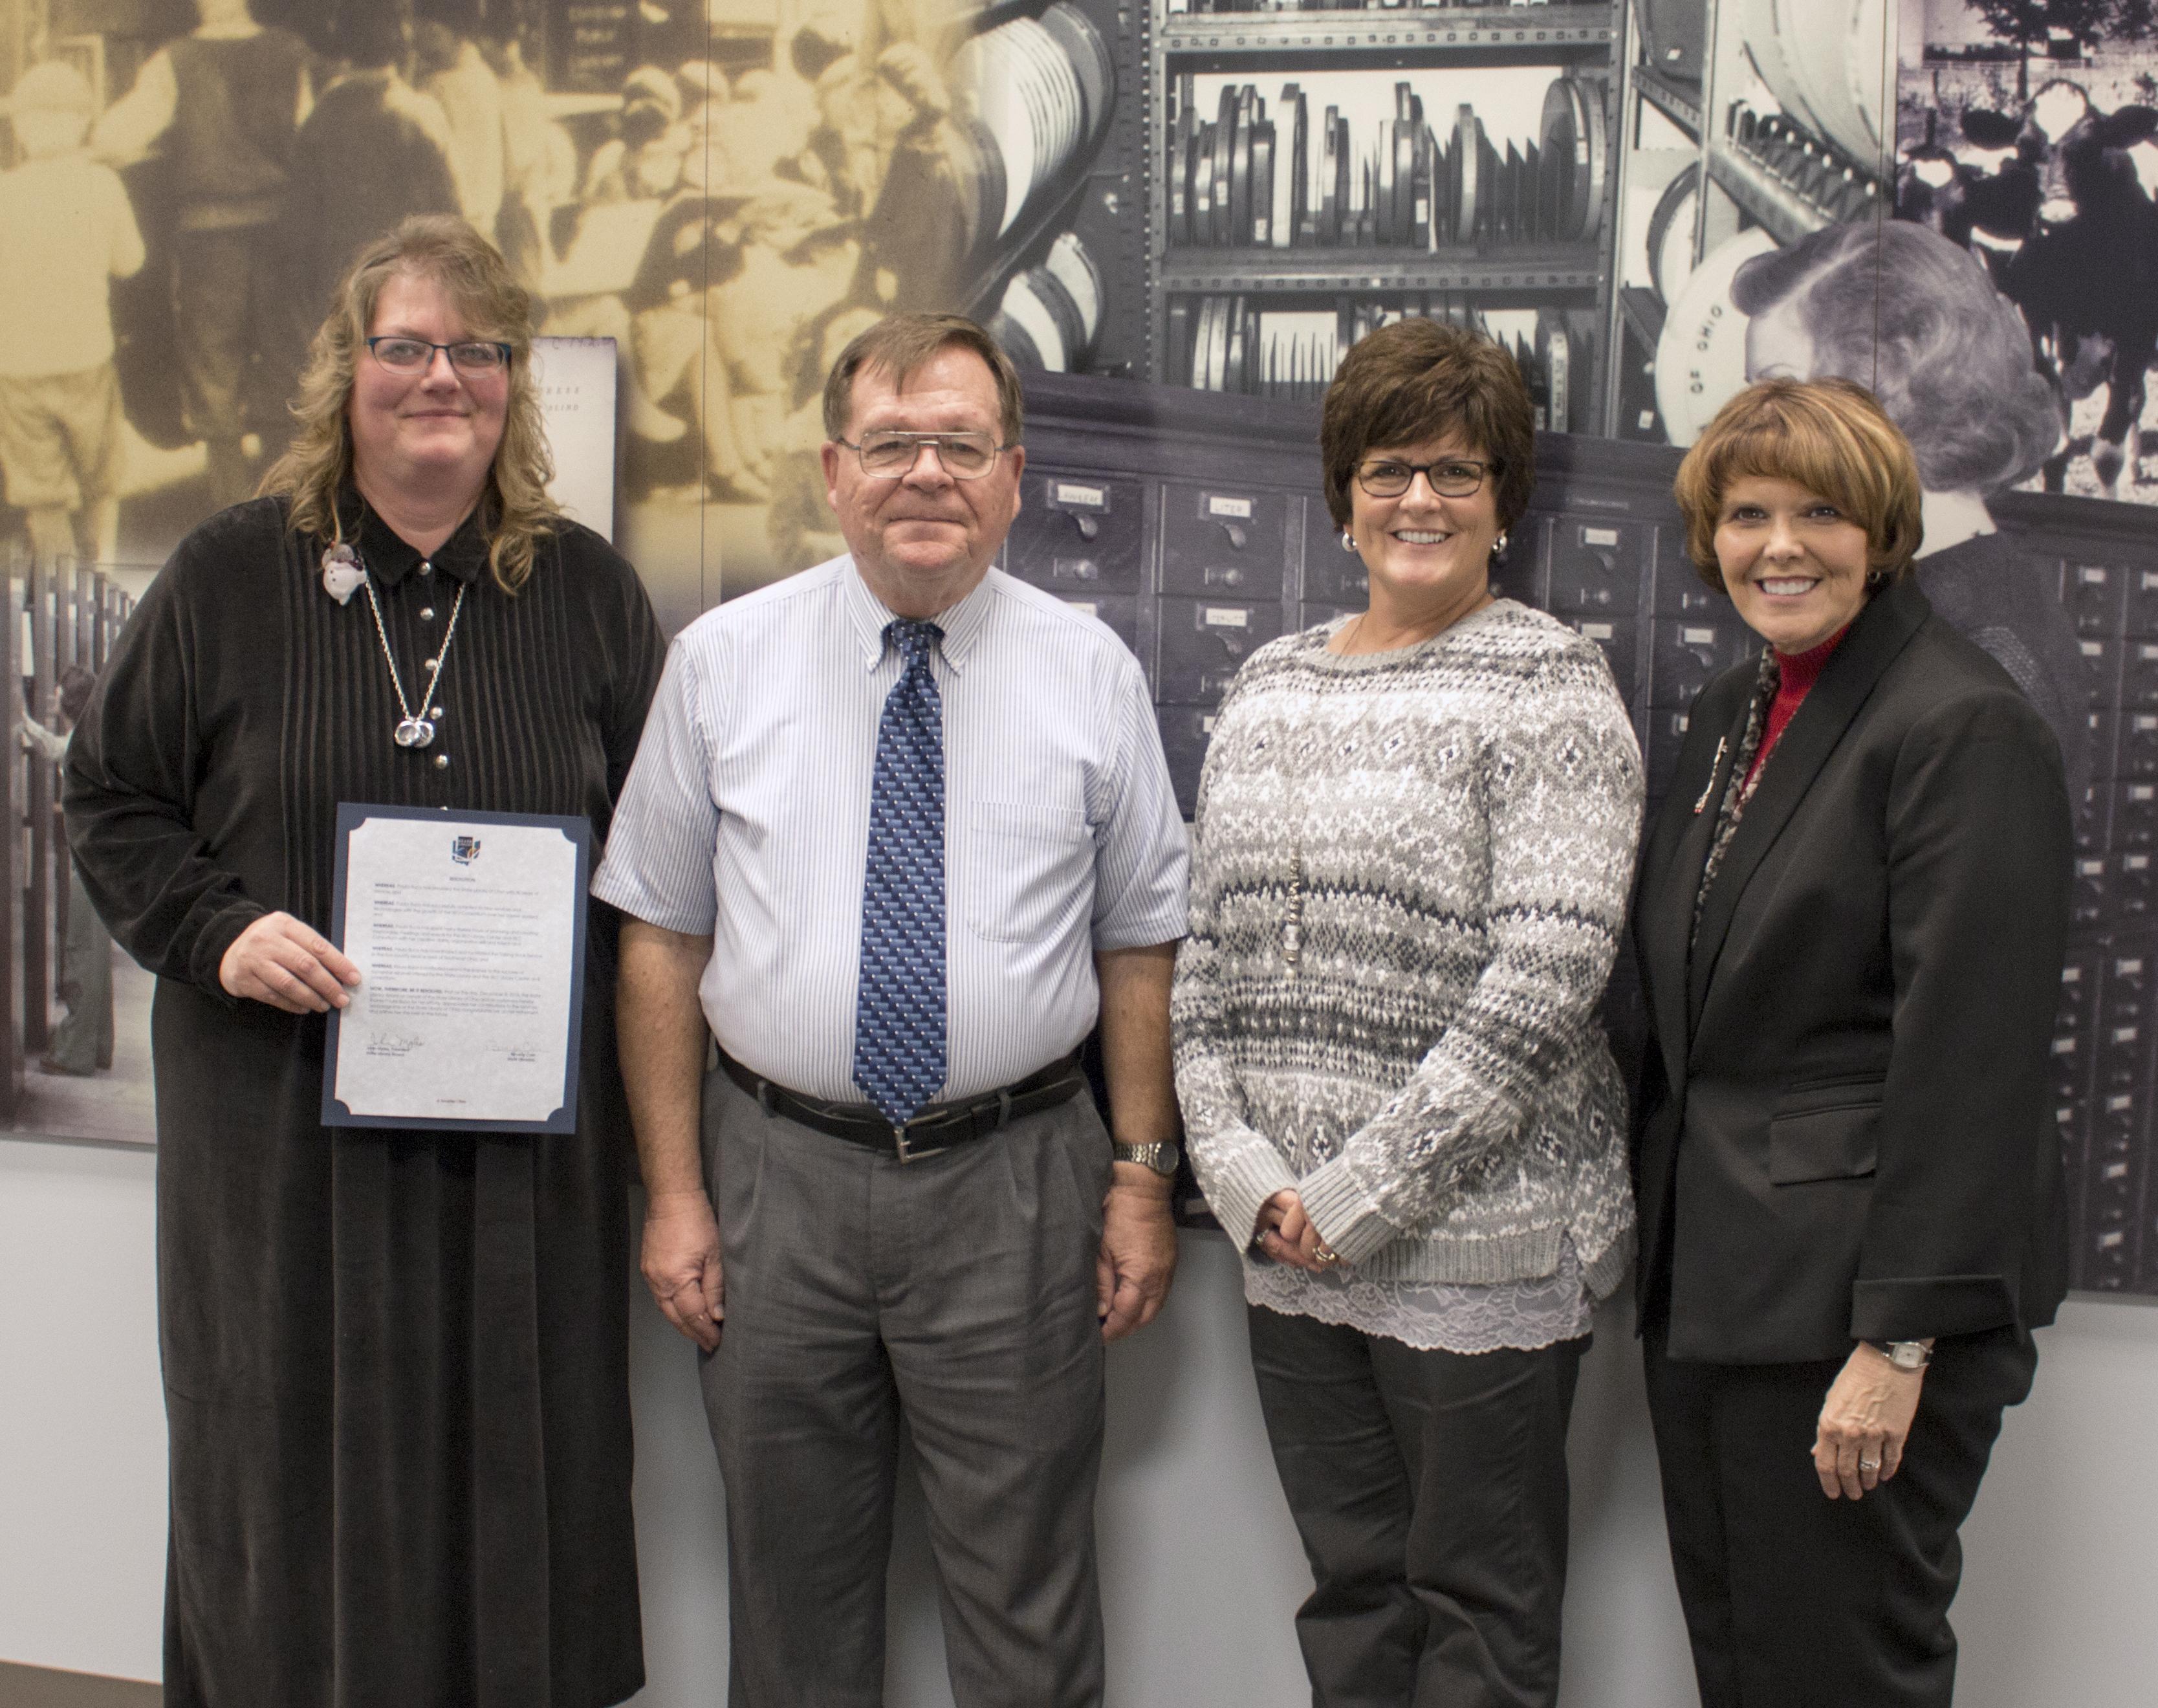 Photo of Paula Buco, John Myles, Dianna Clark, and Beverly Cain